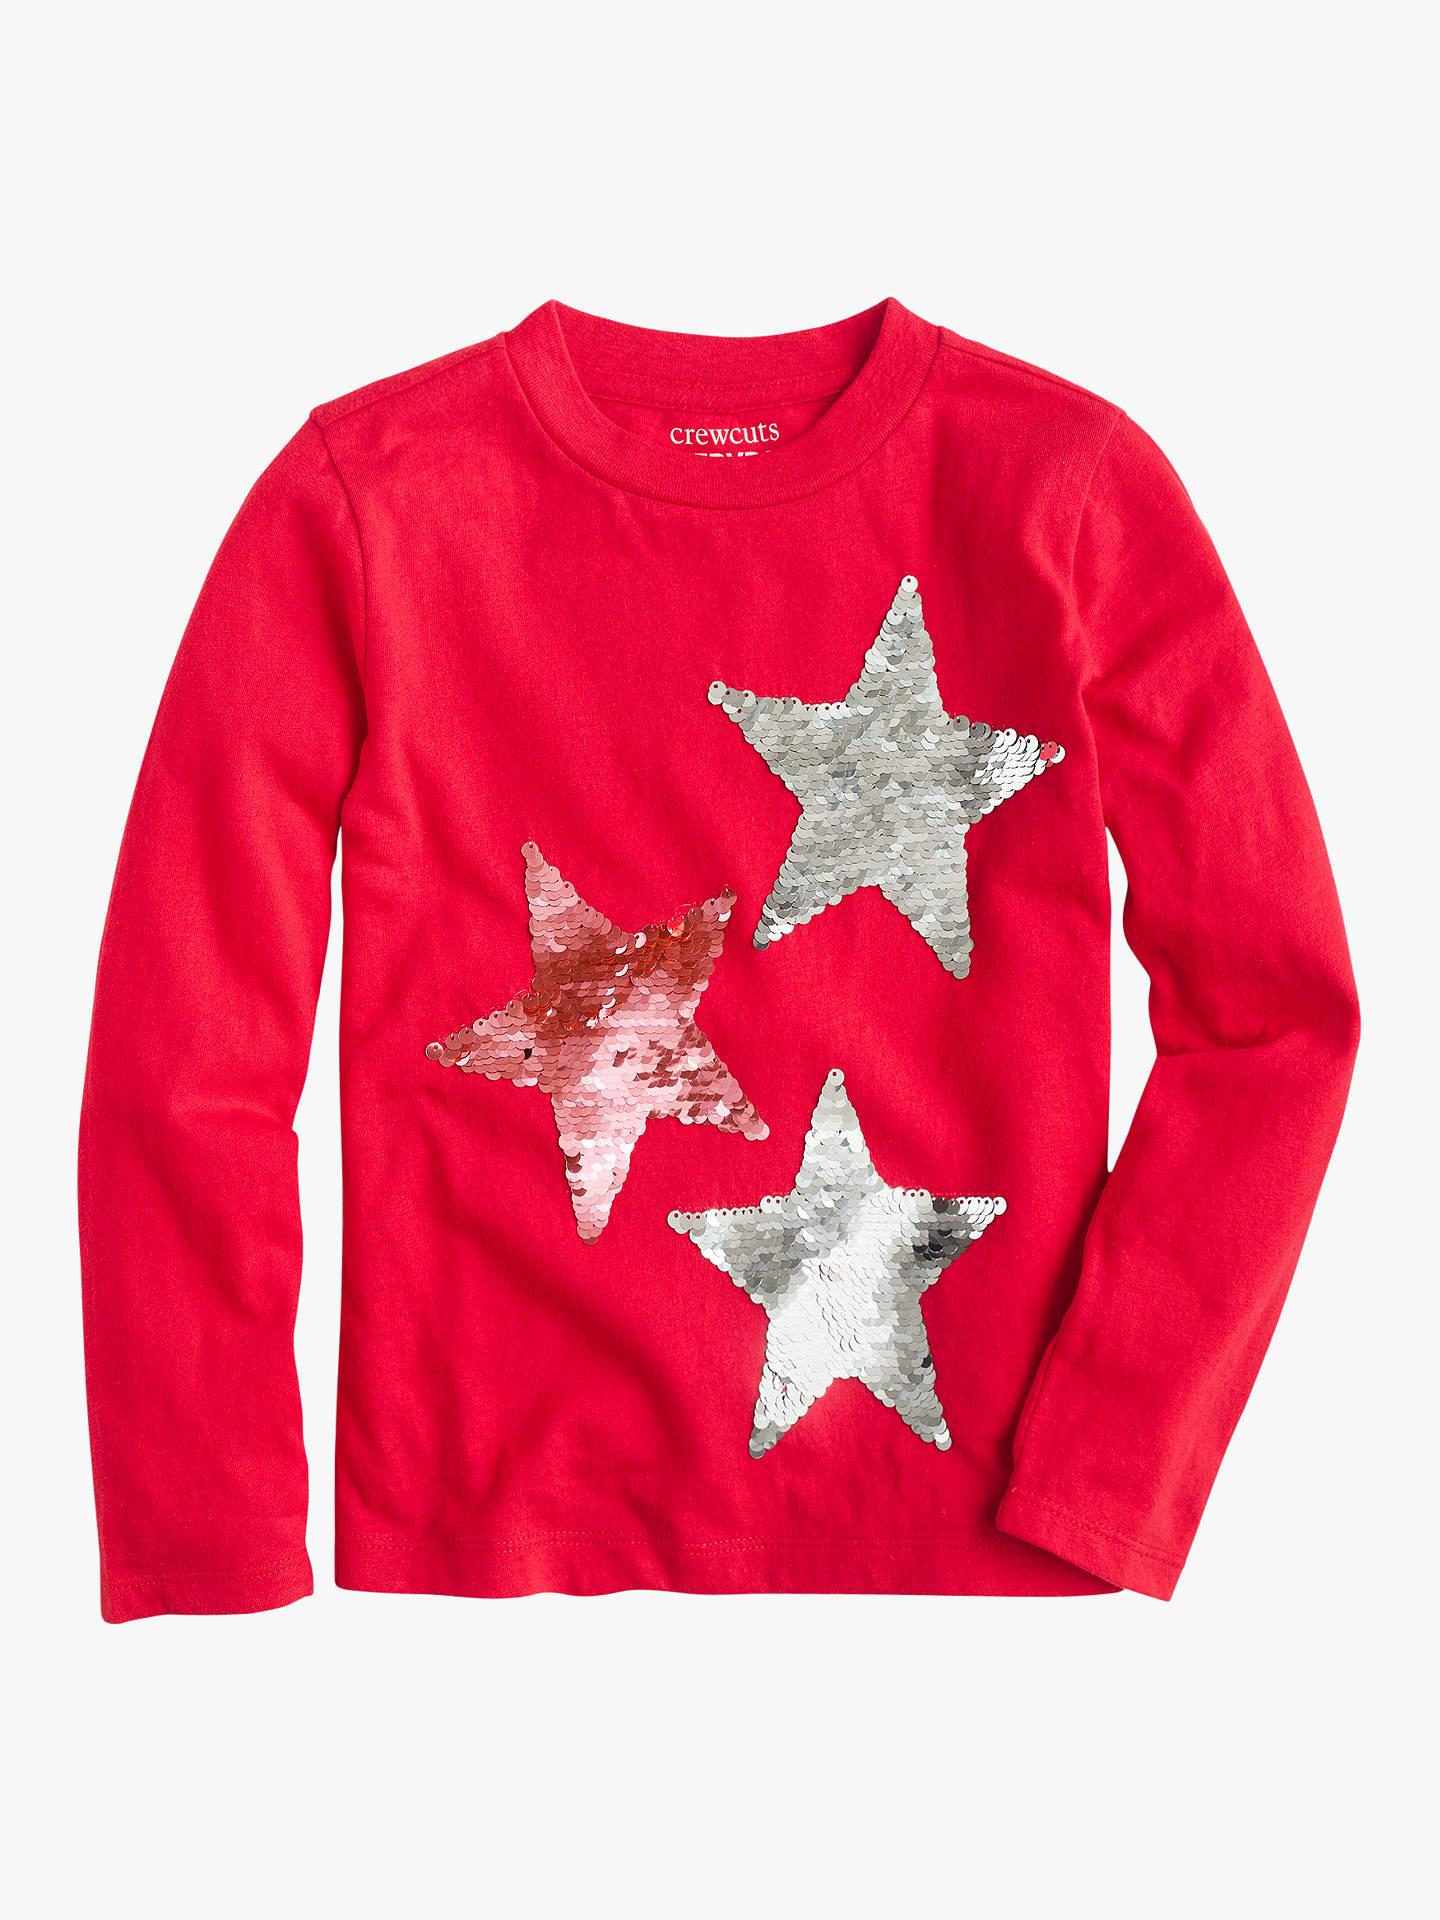 c5c75d735 ... Buy crewcuts by J.Crew Girls' Reversible Sequin Stars T-Shirt, Belvedere